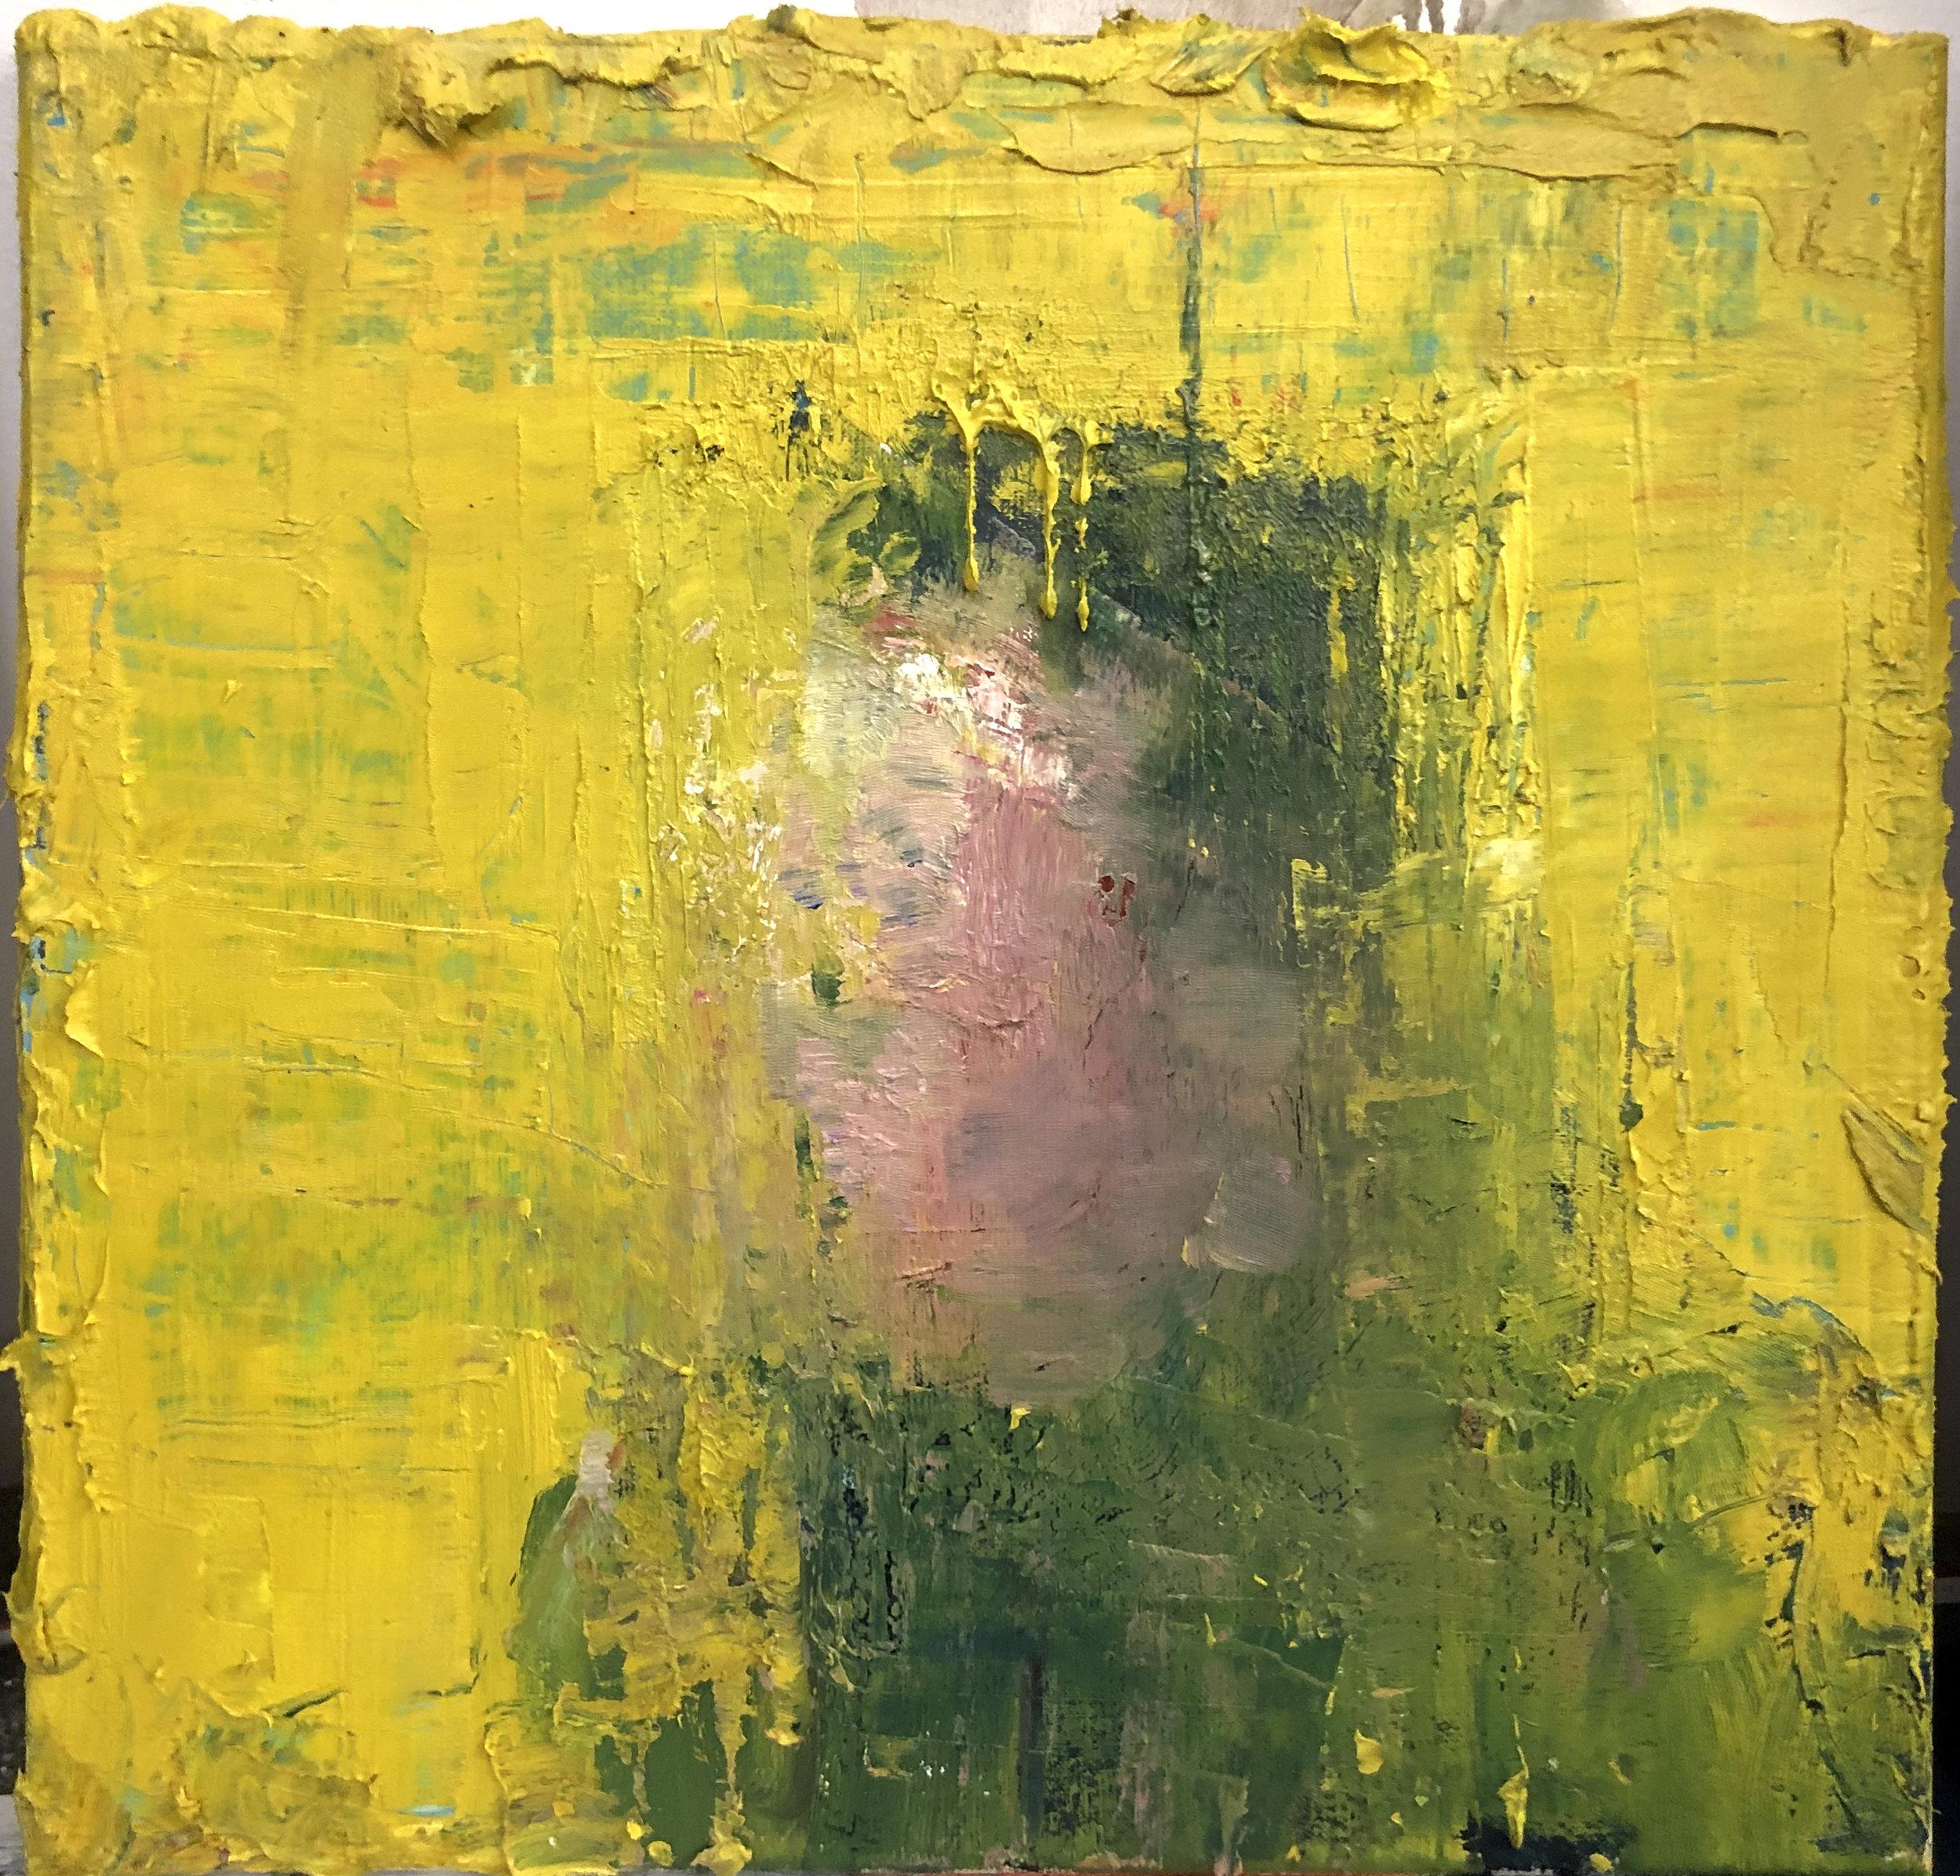 68d8a72995d83 Art Gallery — Read - art publishing opportunities at best art magazine